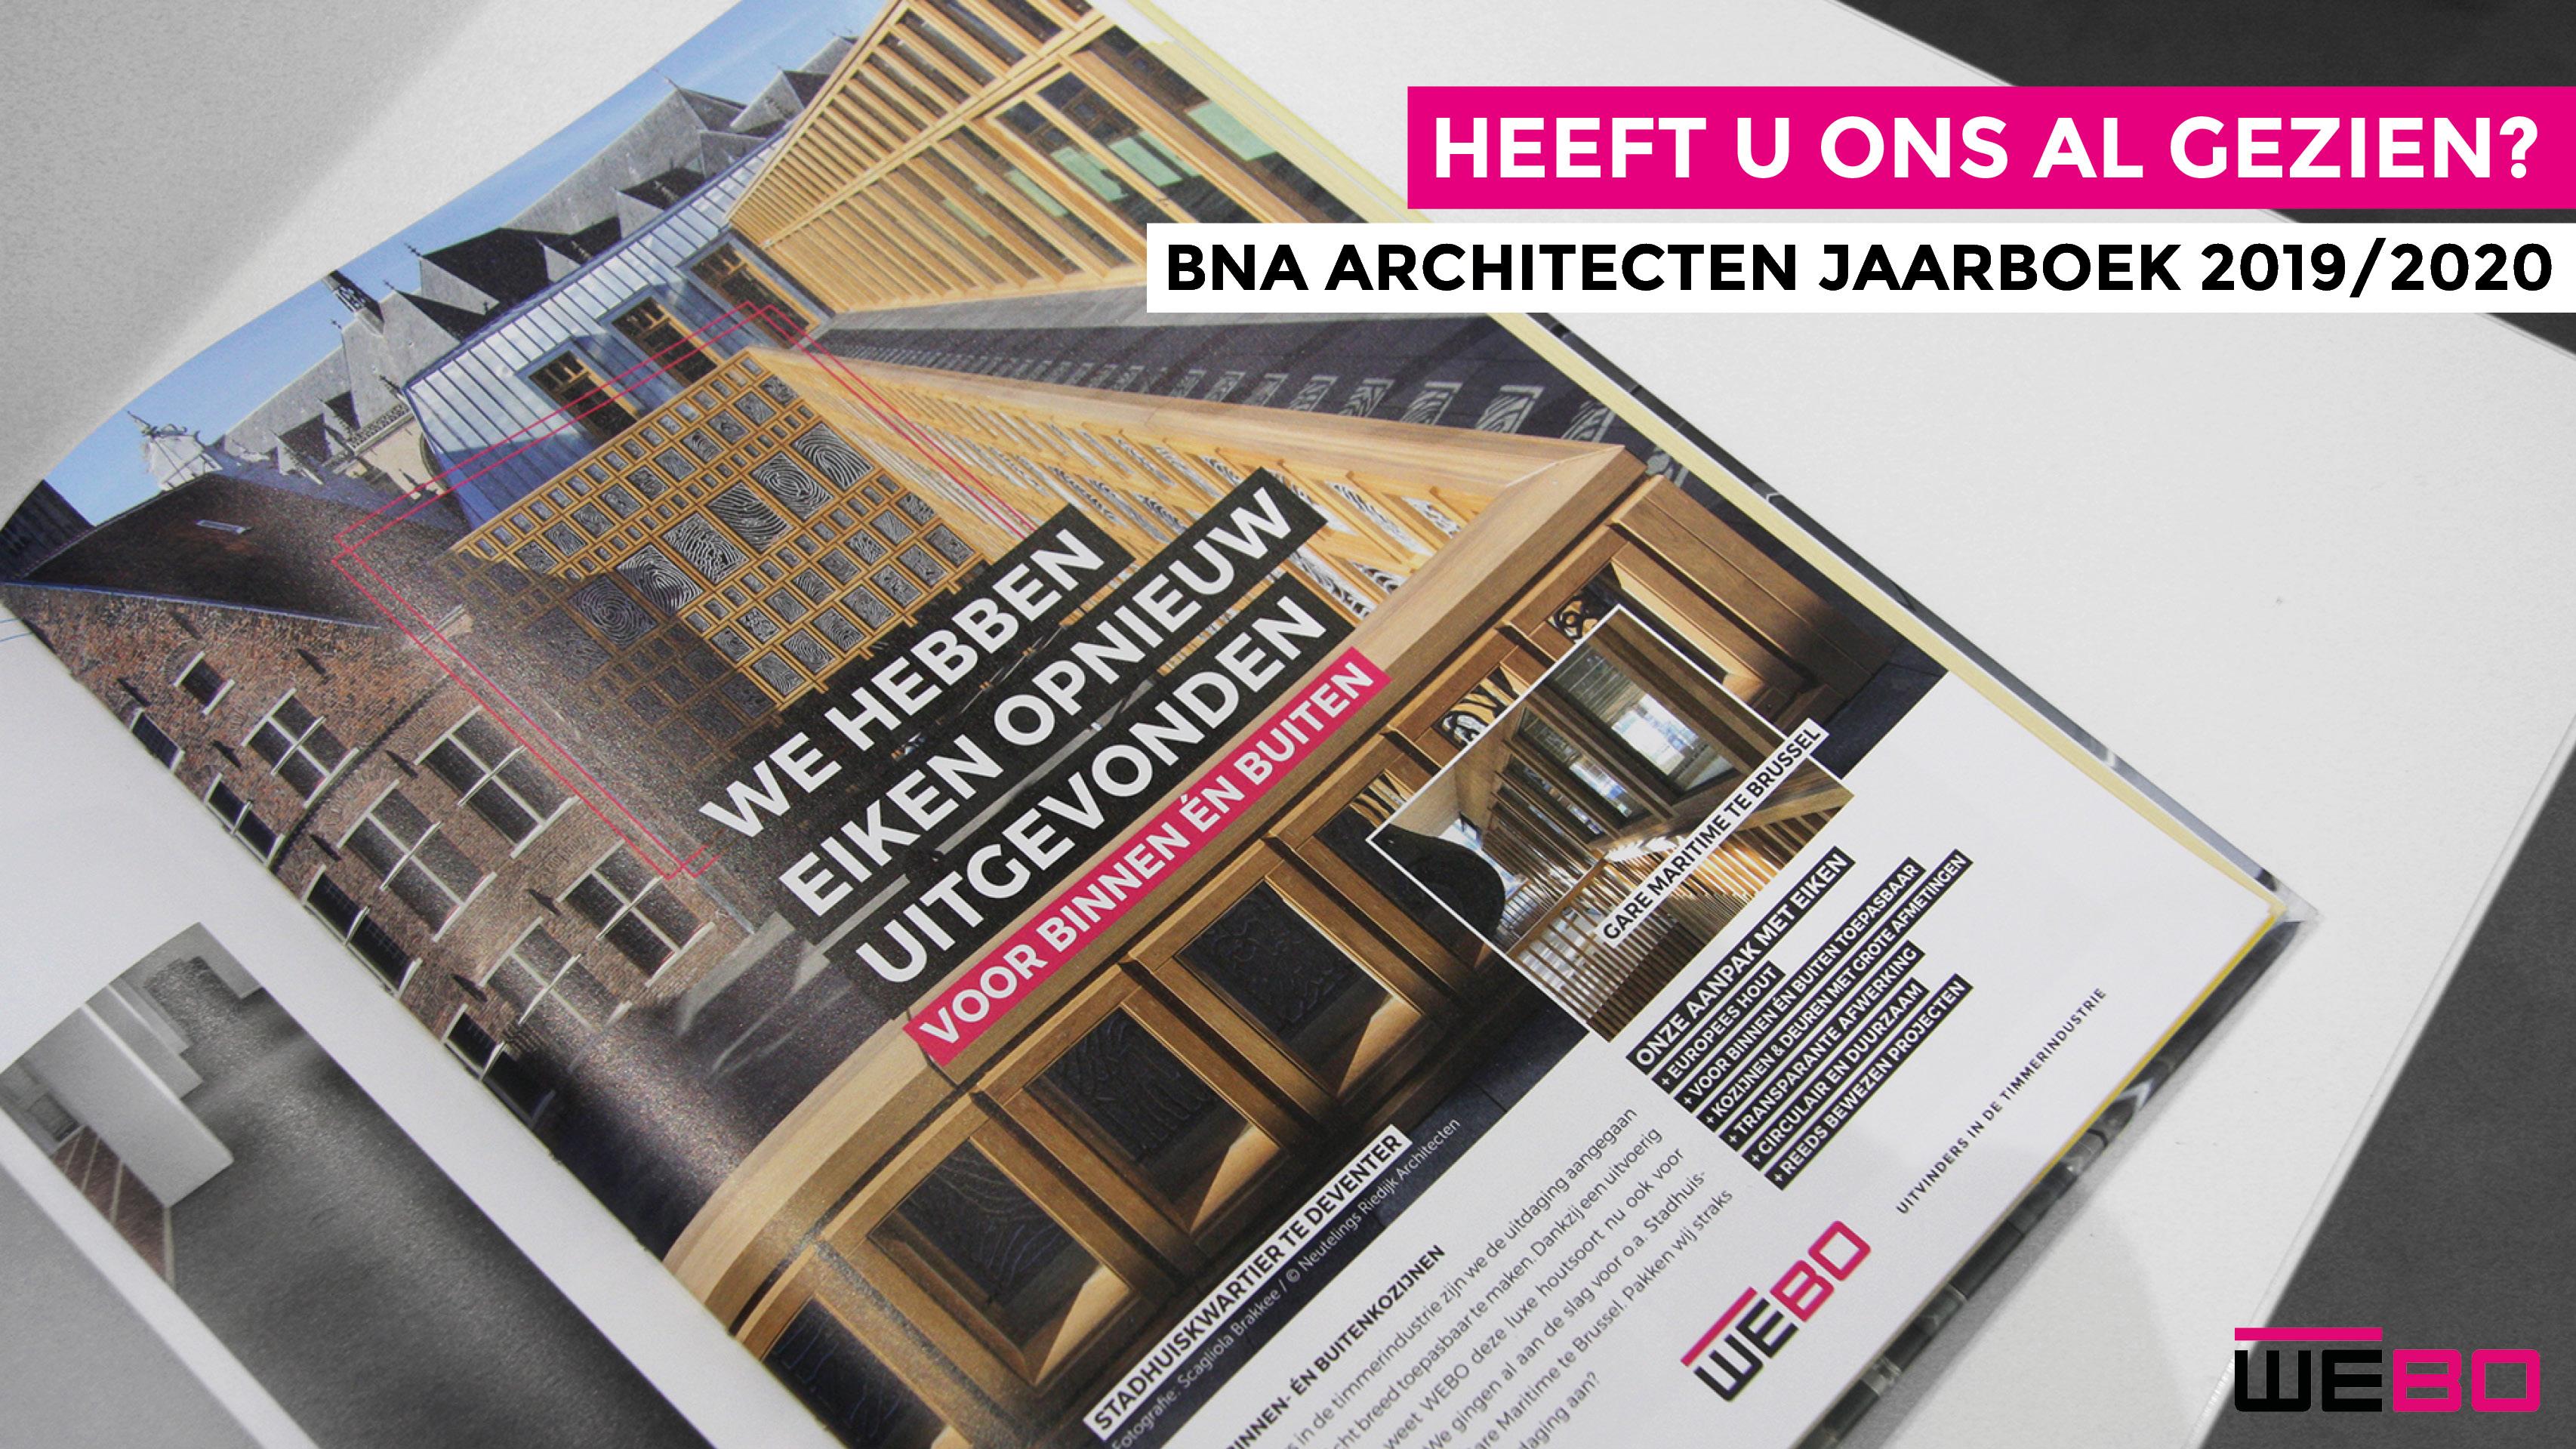 NIEUWSBRIEF: HEEFT U HET AL GEZIEN? | BNA ARCHITECTEN JAARBOEK 2019/2020